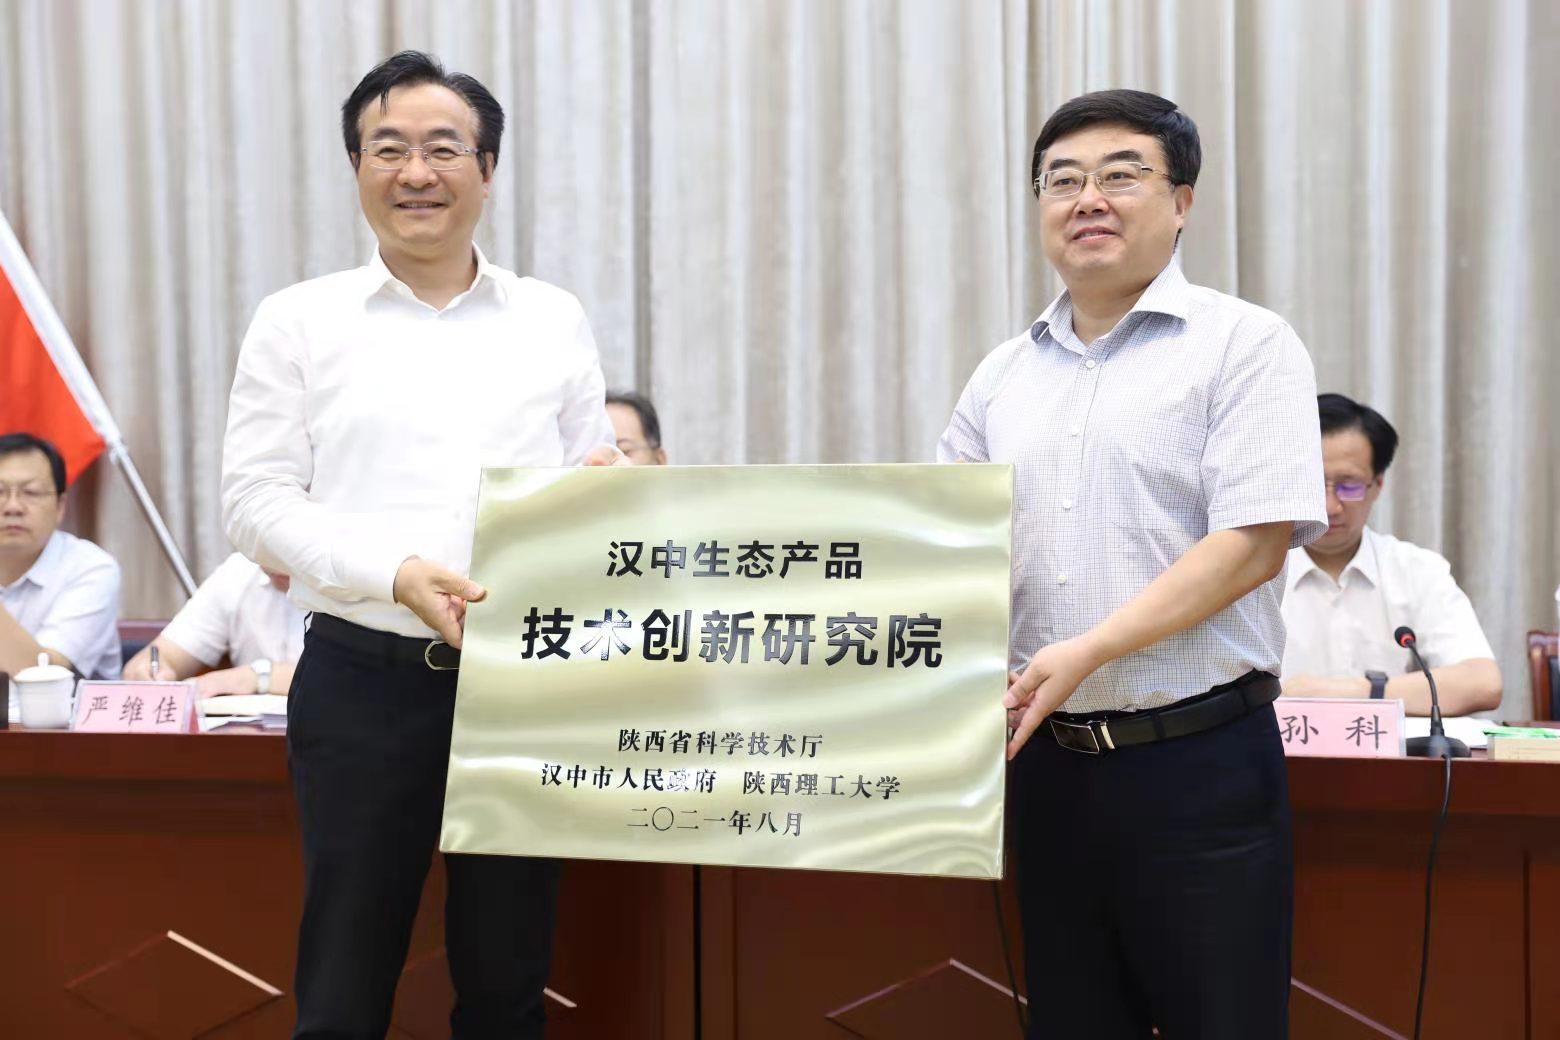 秦创原(汉中)创新促进中心暨汉中生态产品技术创新研究院成立